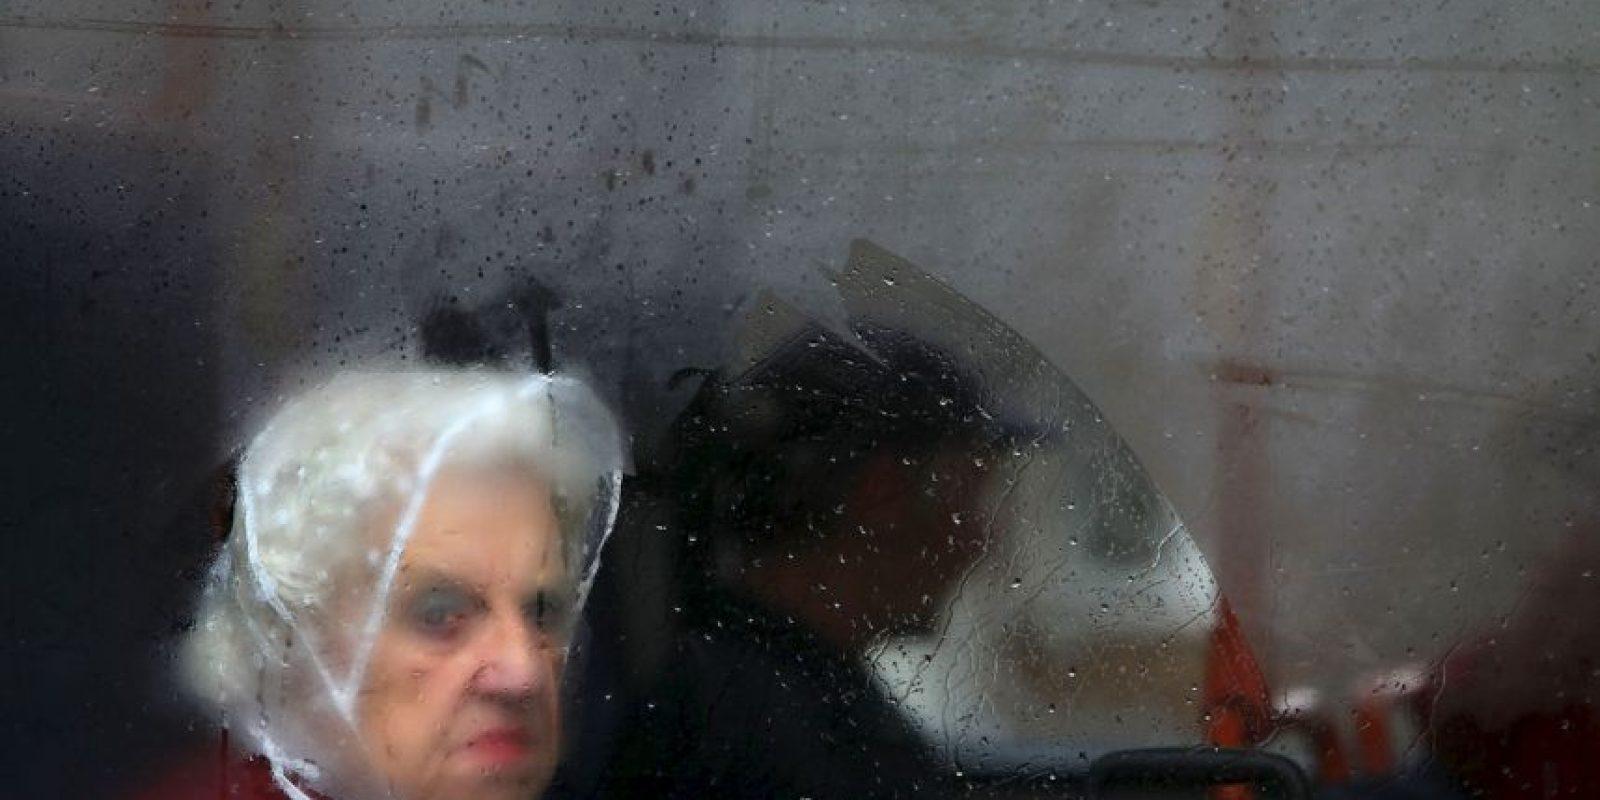 Alzhéimer. Considerado una pandemia, se trata de un tipo de demencia irreversible que destruye el cerebro progresivamente causando pérdida de la memoria, deterioro cognitivo y comportamiento impredecible, entre otros síntomas. Foto:Getty Images